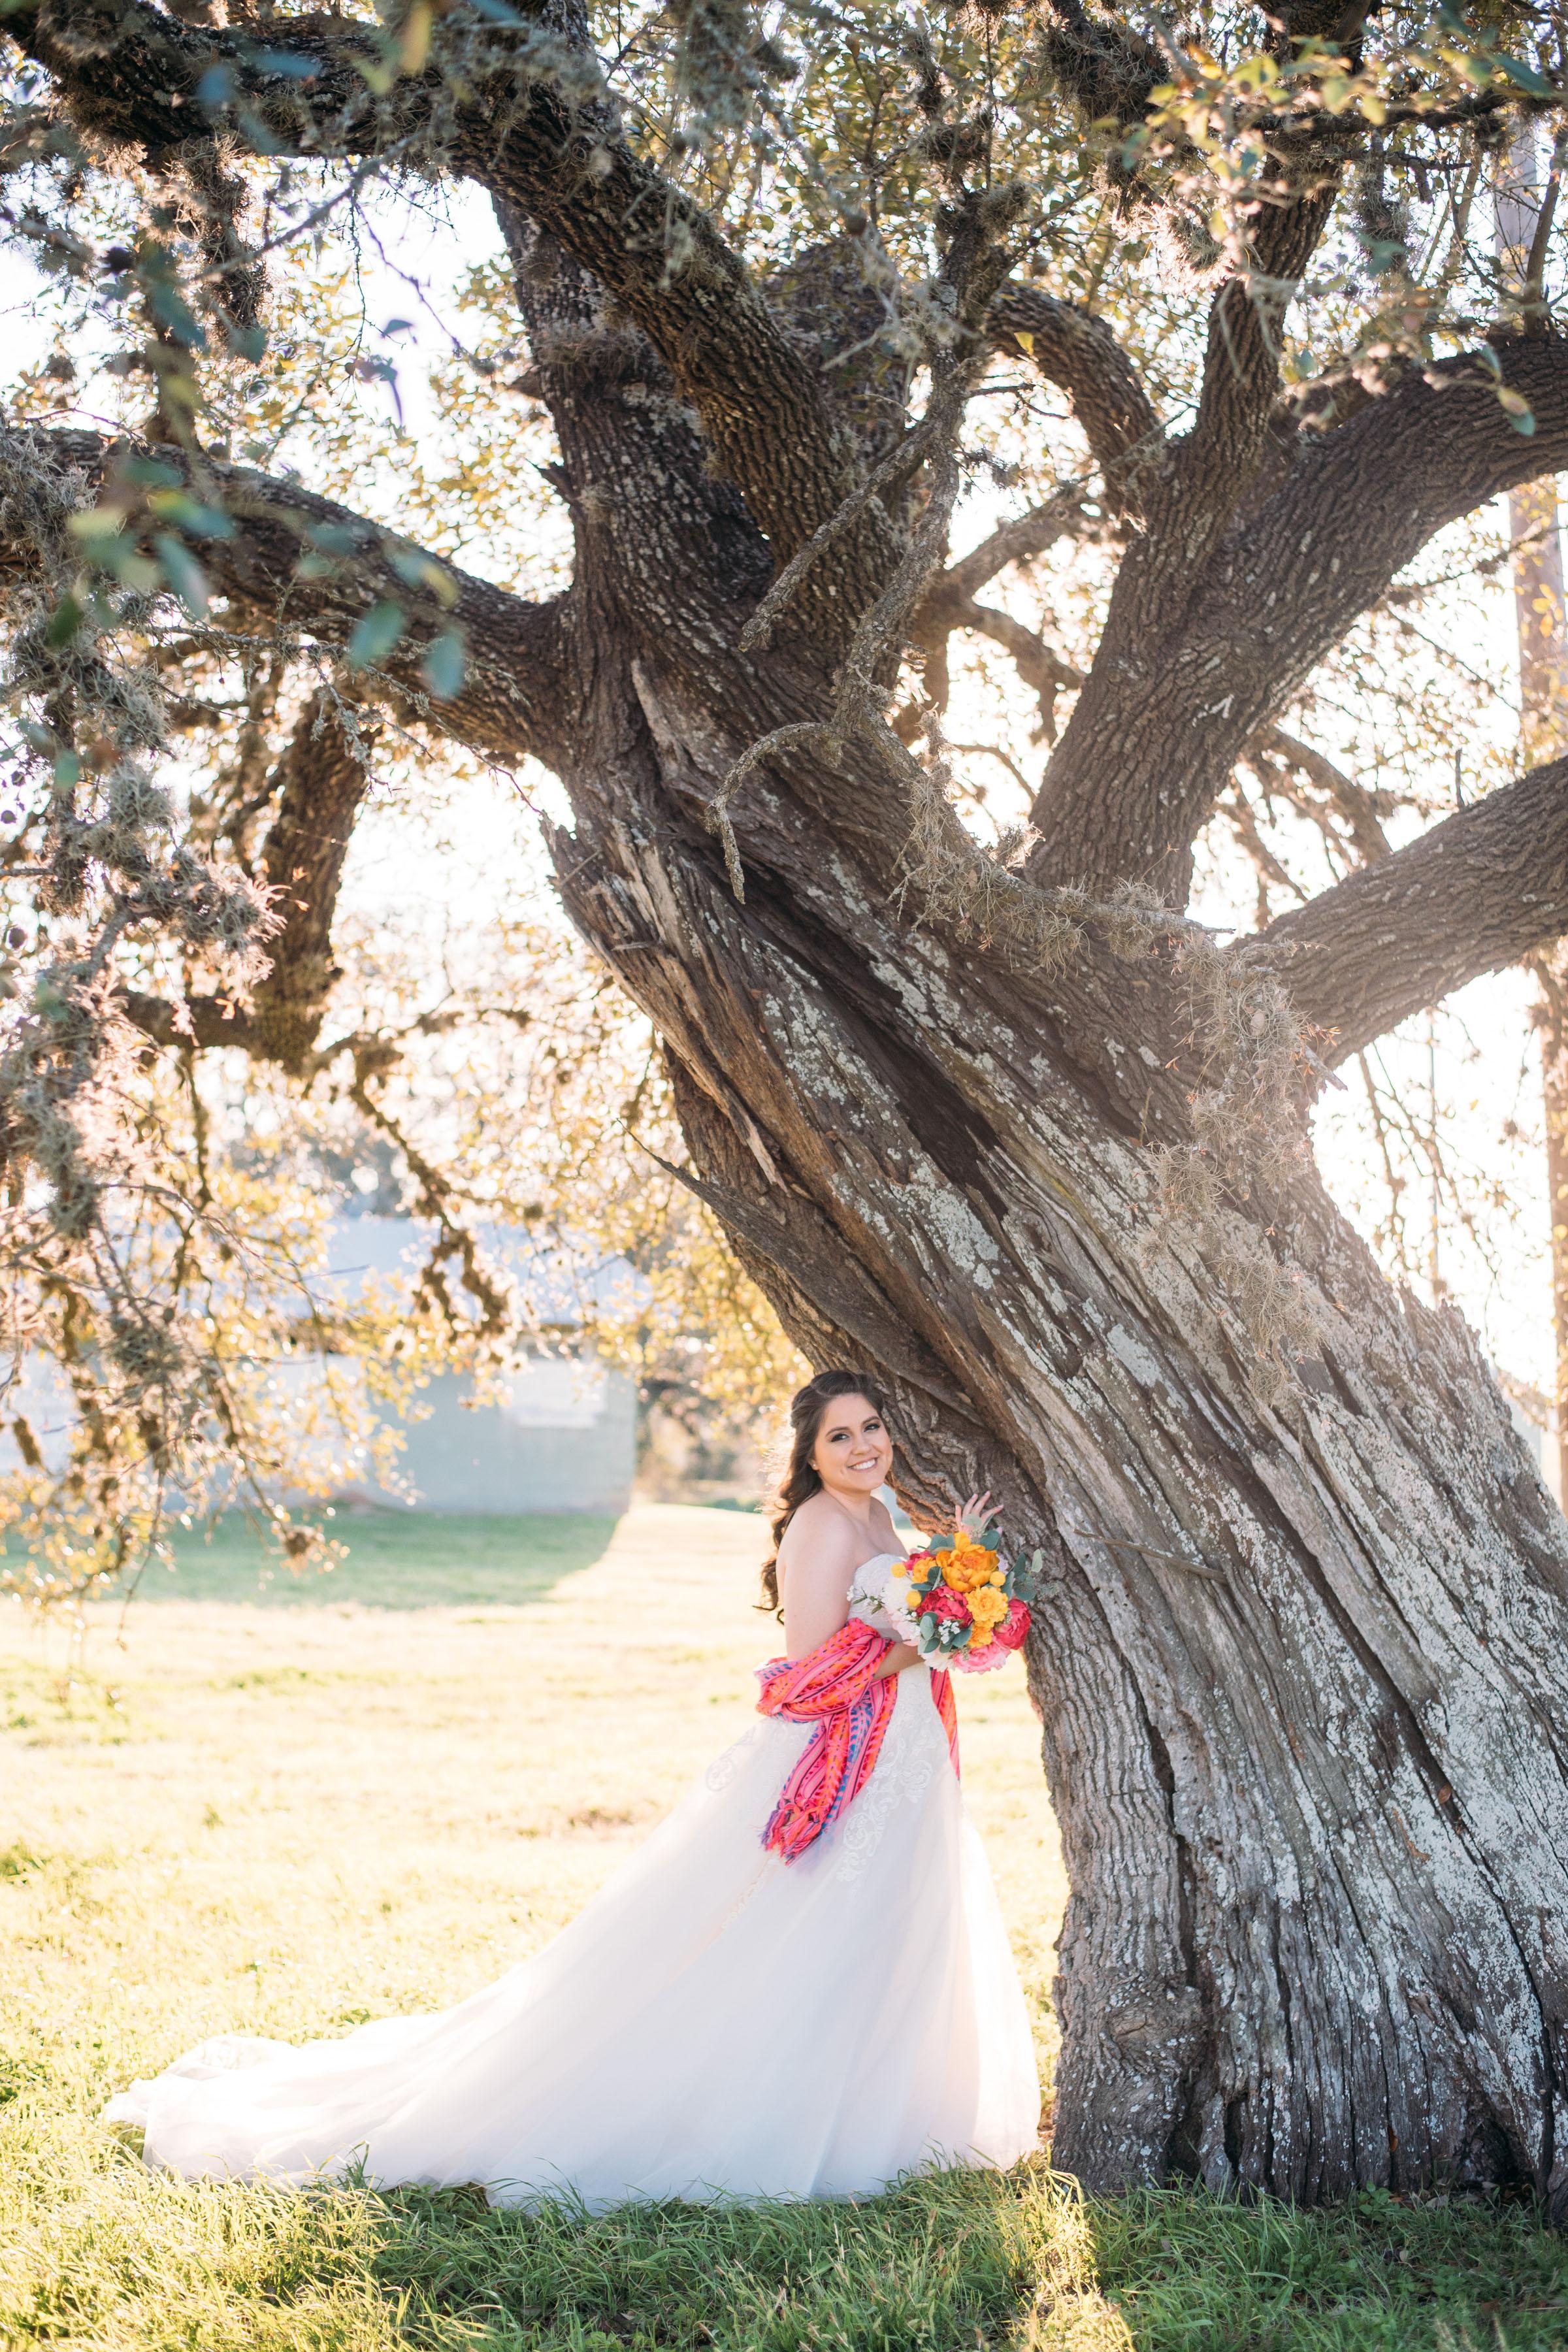 Melissa-Bridals-Aggie-Bride-MooreRanch-04.jpg